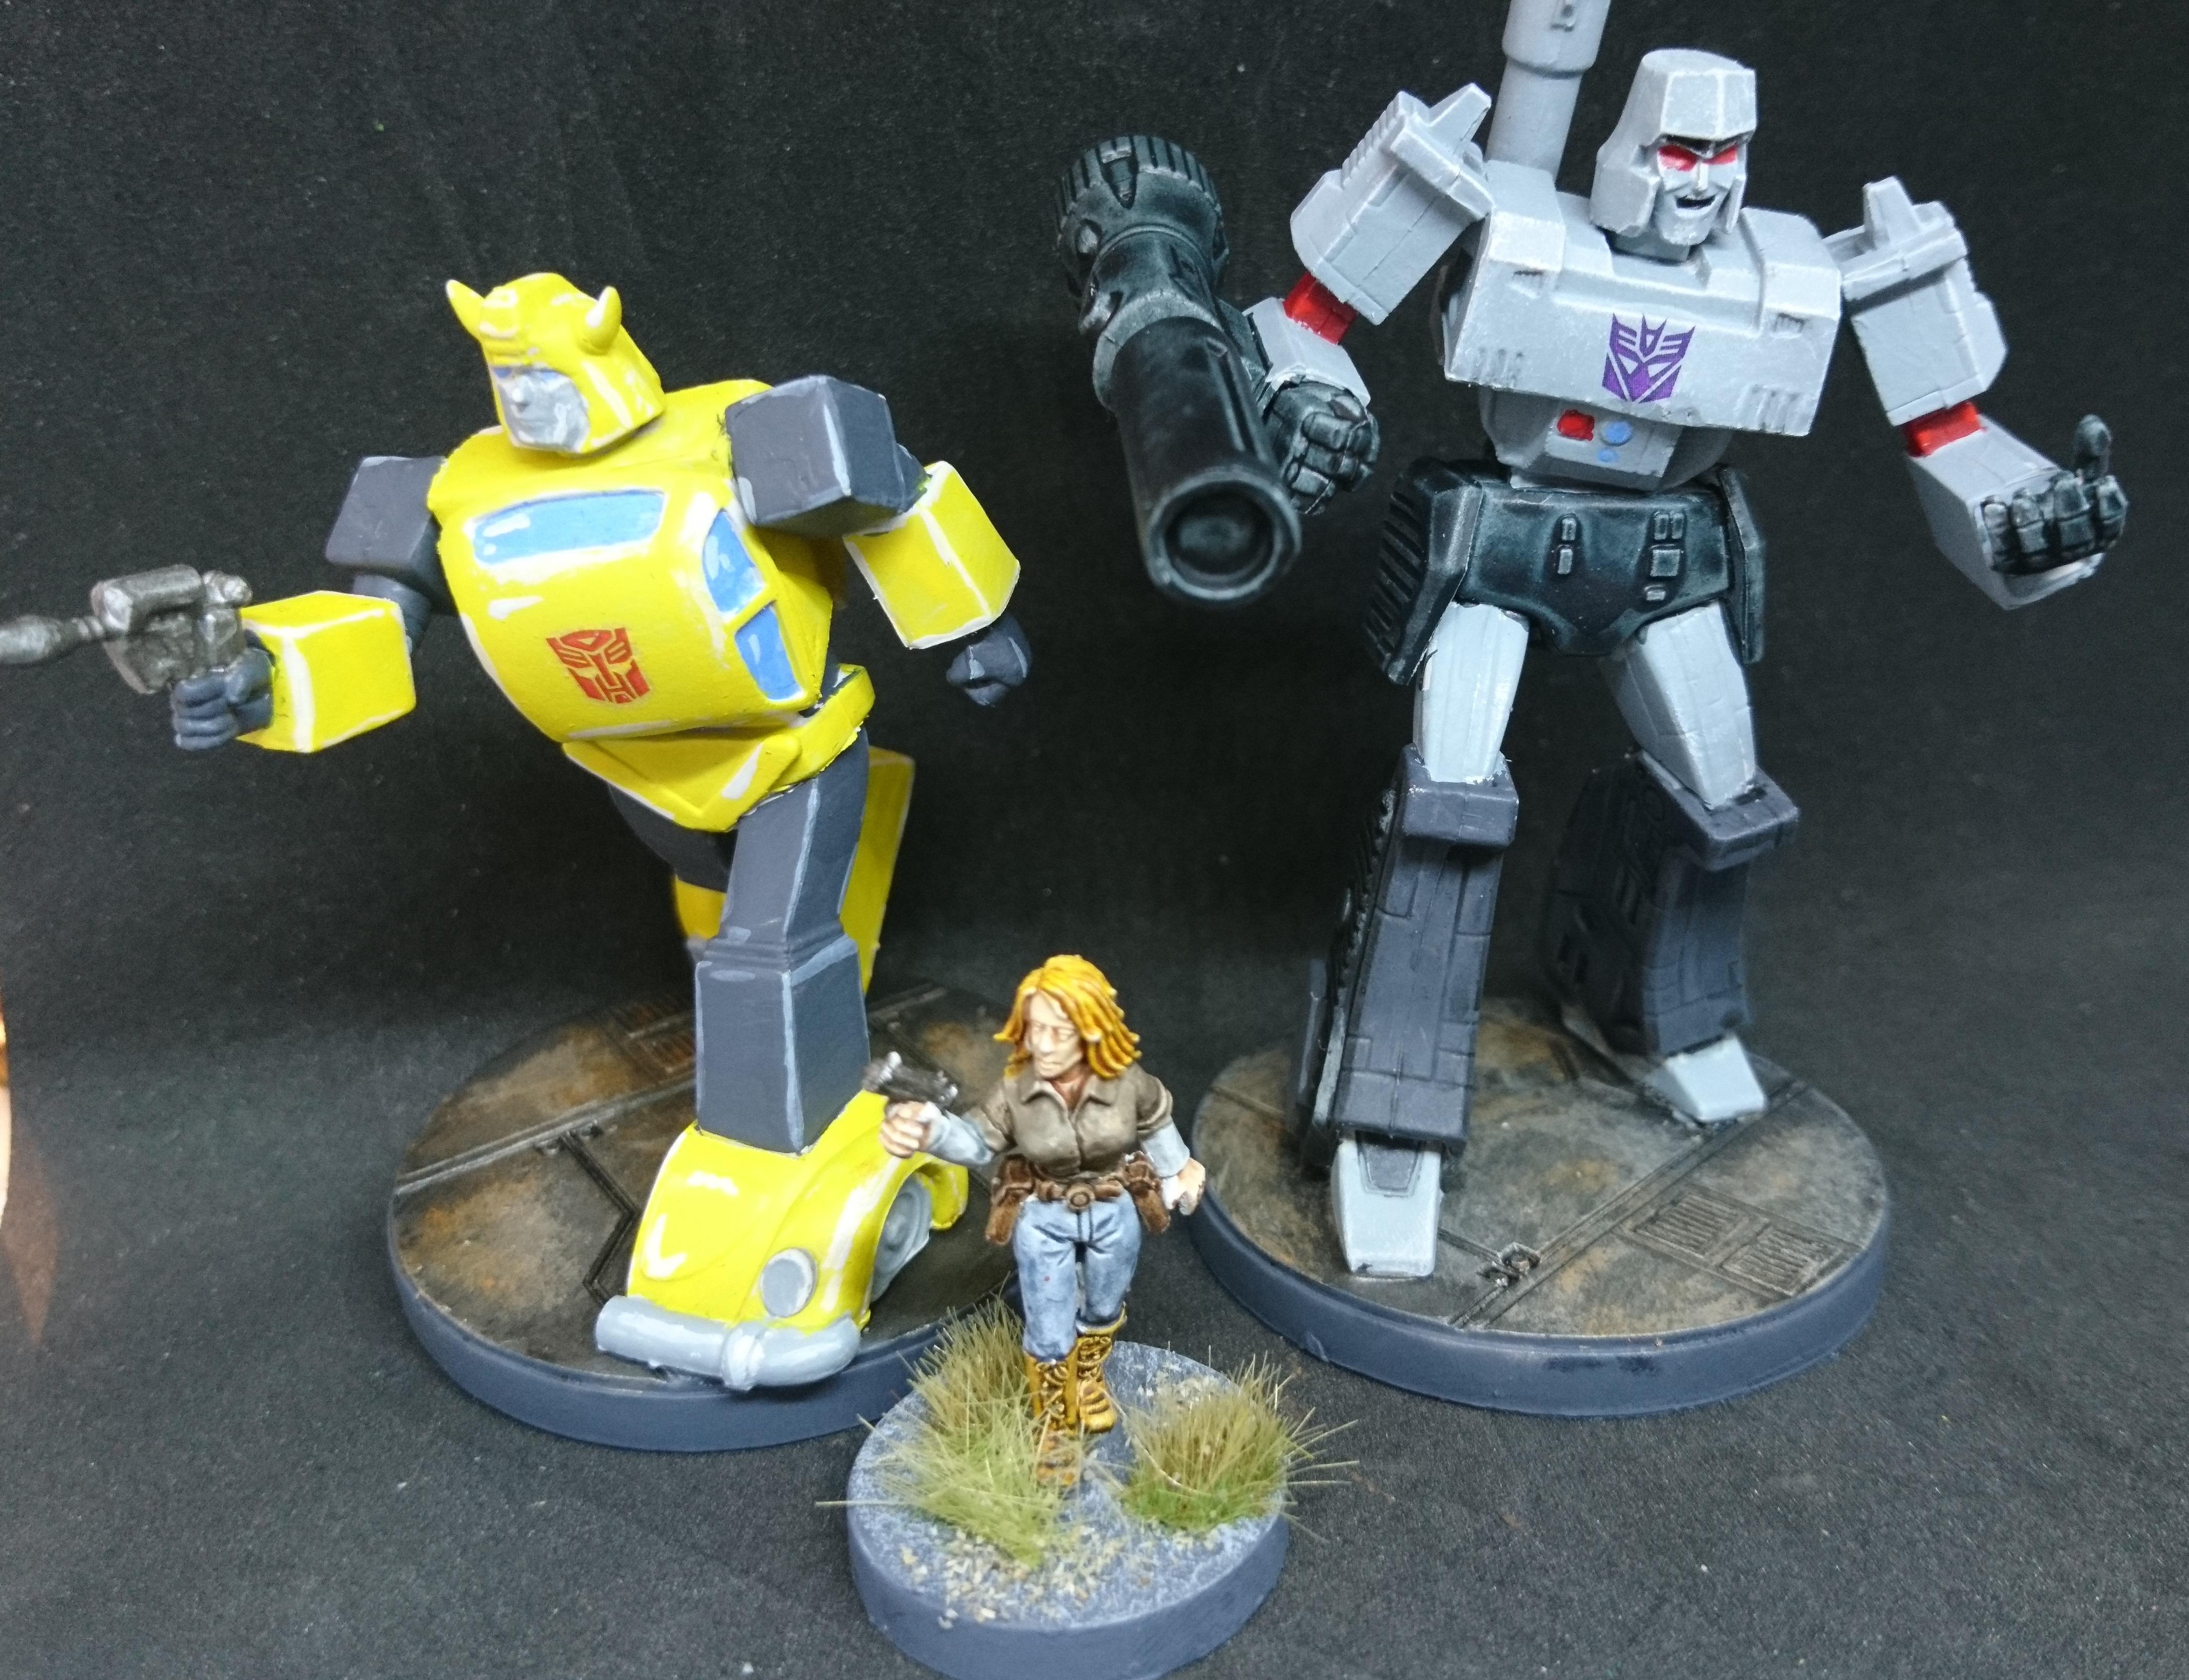 Transformers 28mm scale comparison